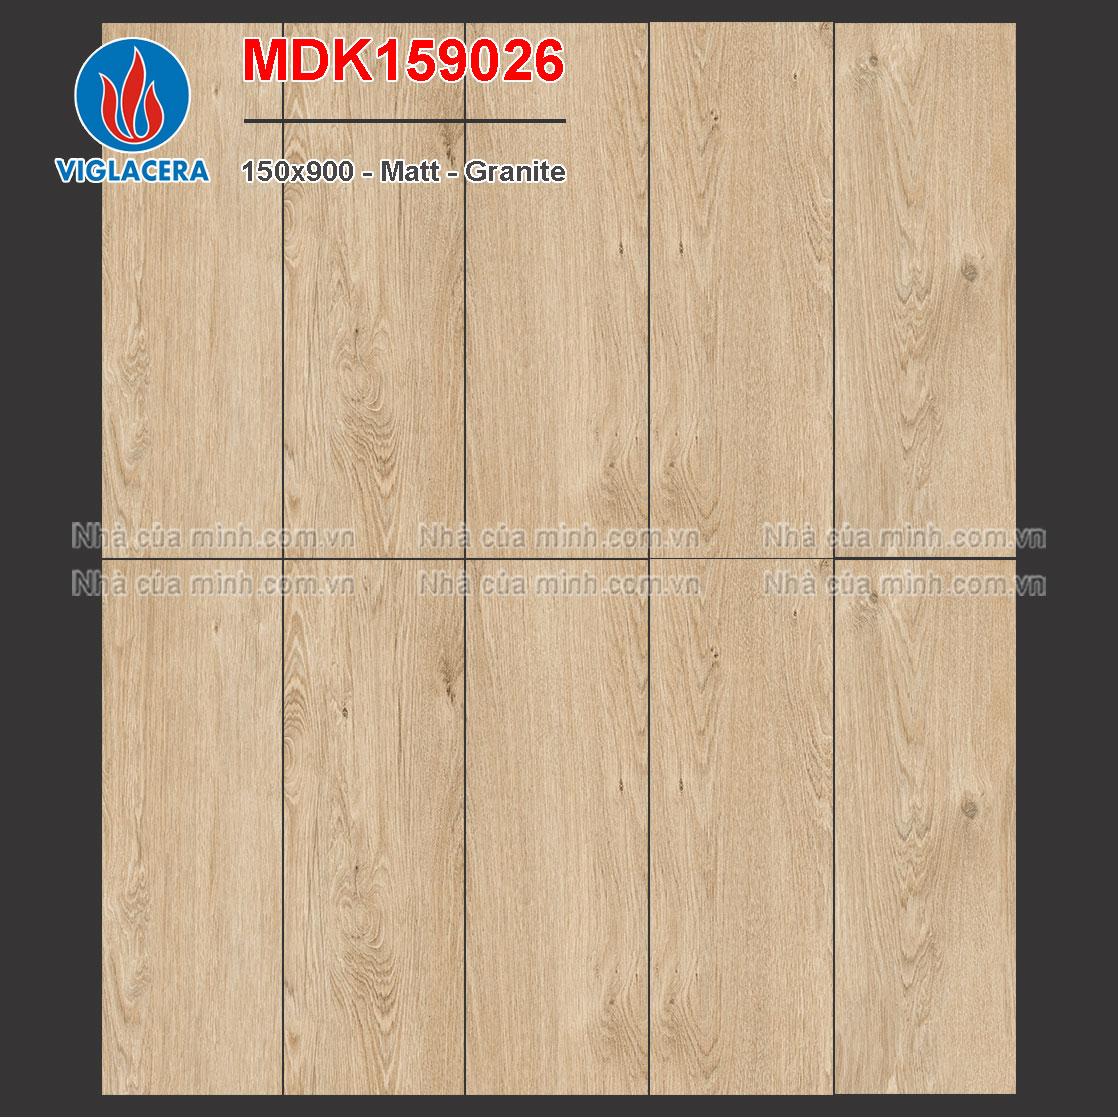 Gạch lát nền 150x900 Viglacera MDK159026 giá rẻ